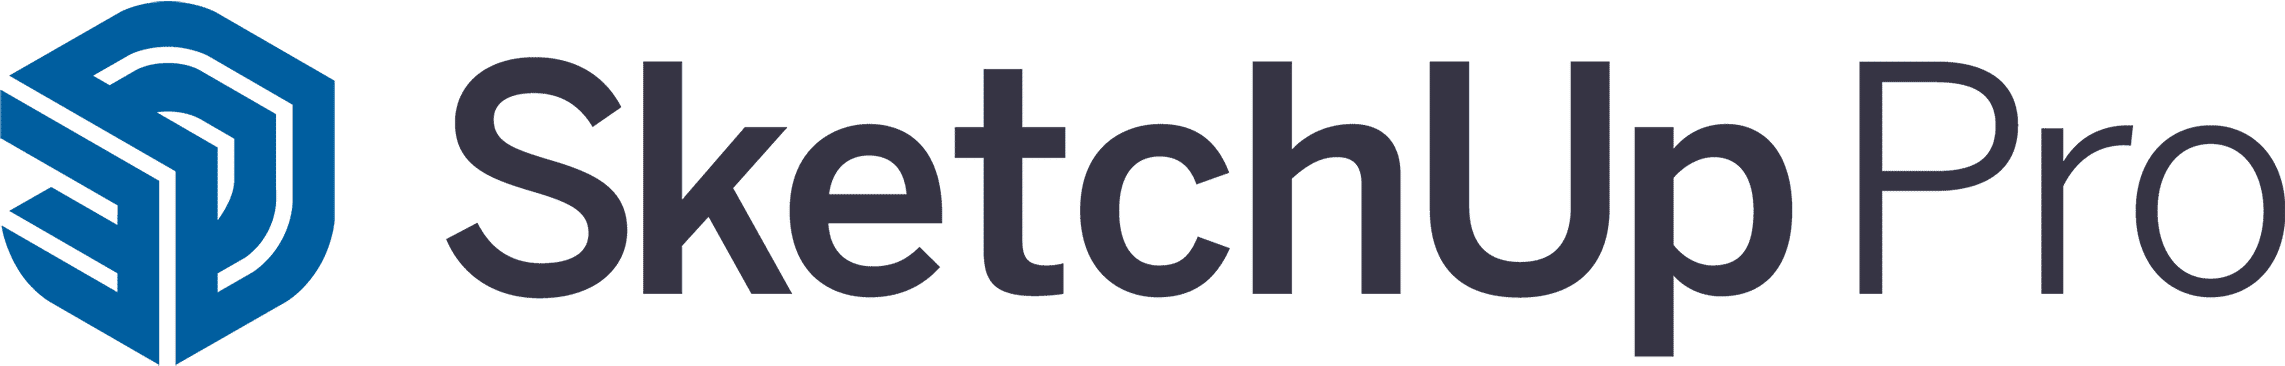 SketchUp Pro Logo